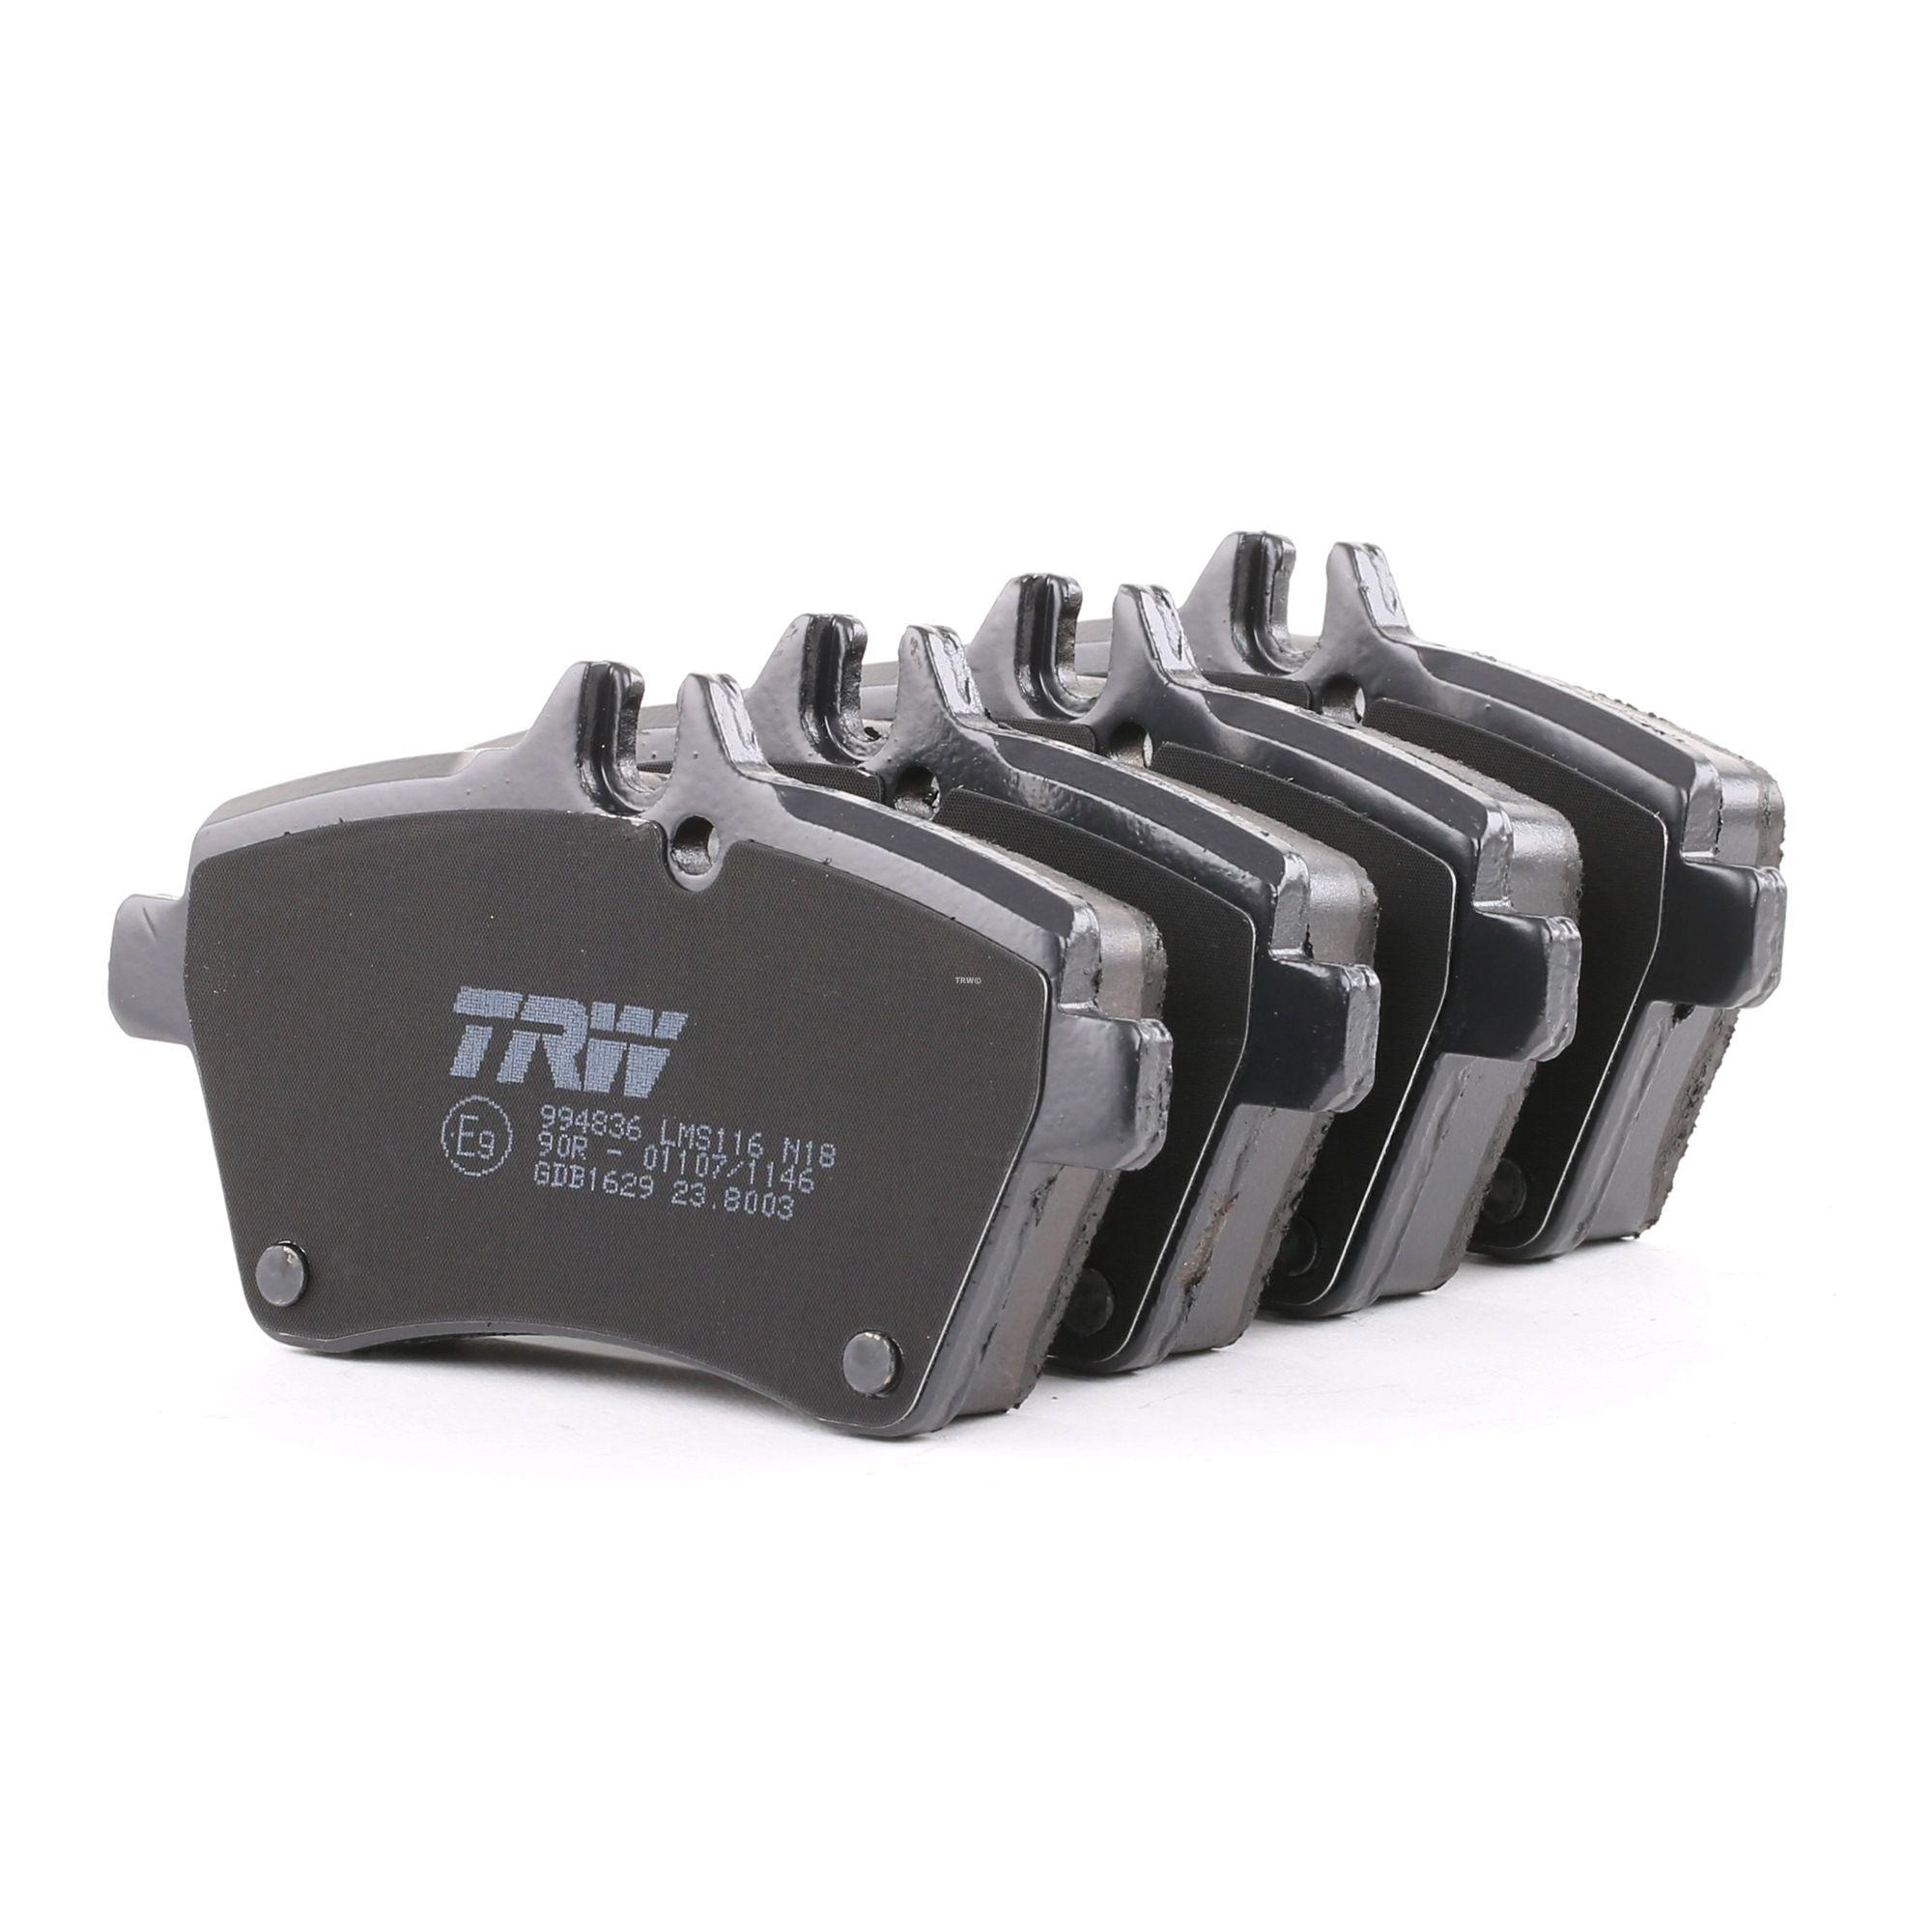 Bremsbelagsatz TRW GDB1629 Bewertung